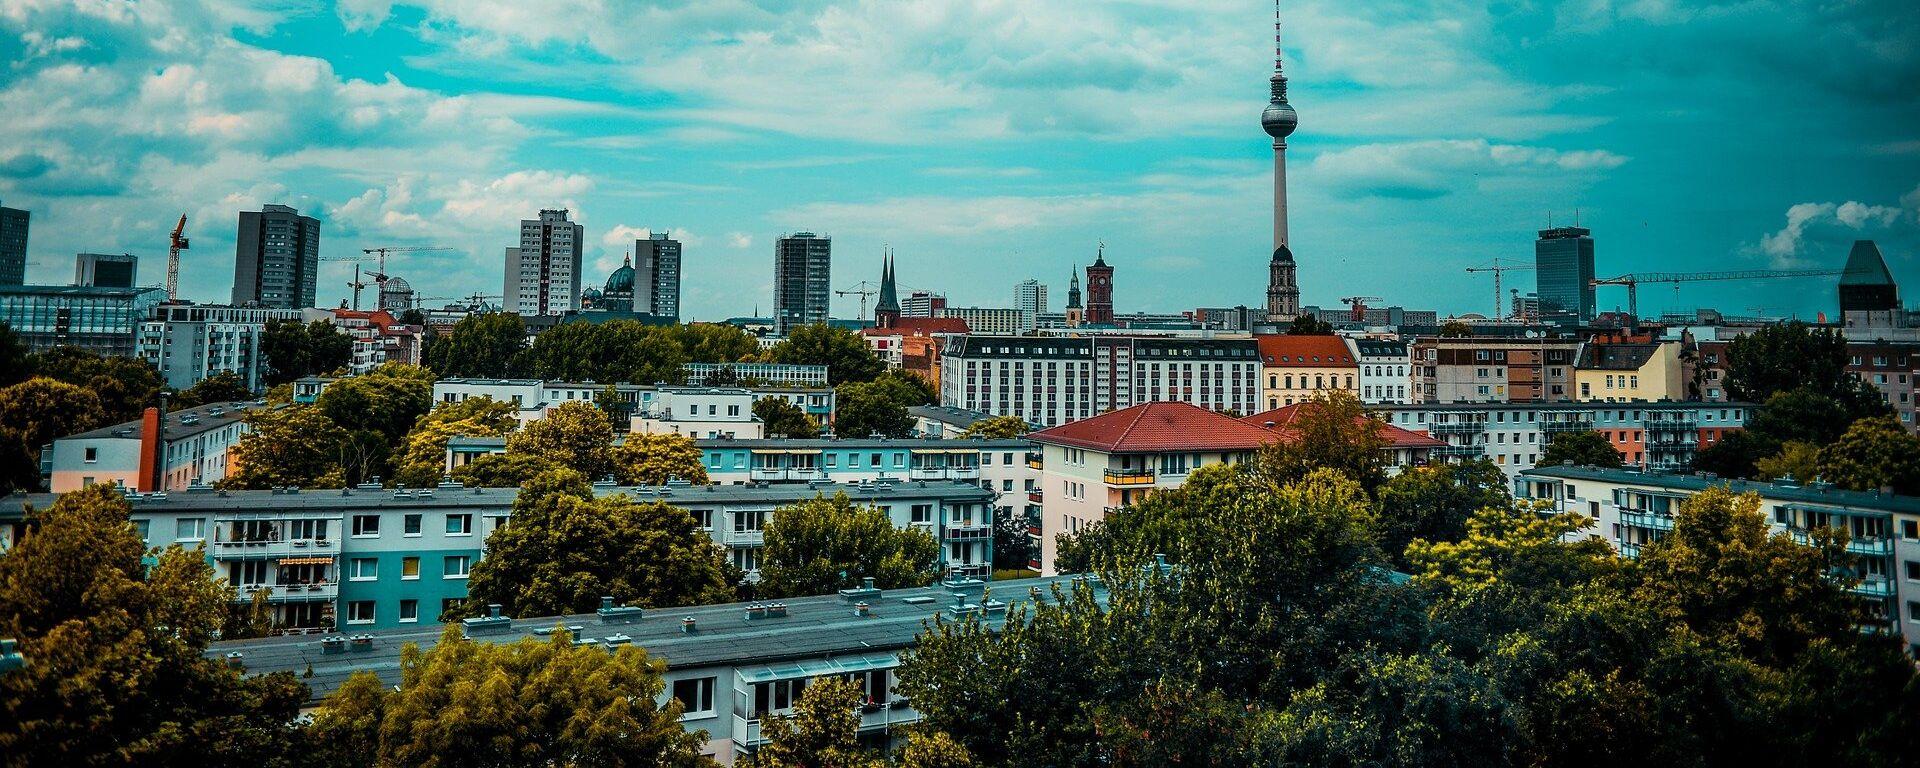 Berlín, Alemania - Sputnik Mundo, 1920, 18.09.2021